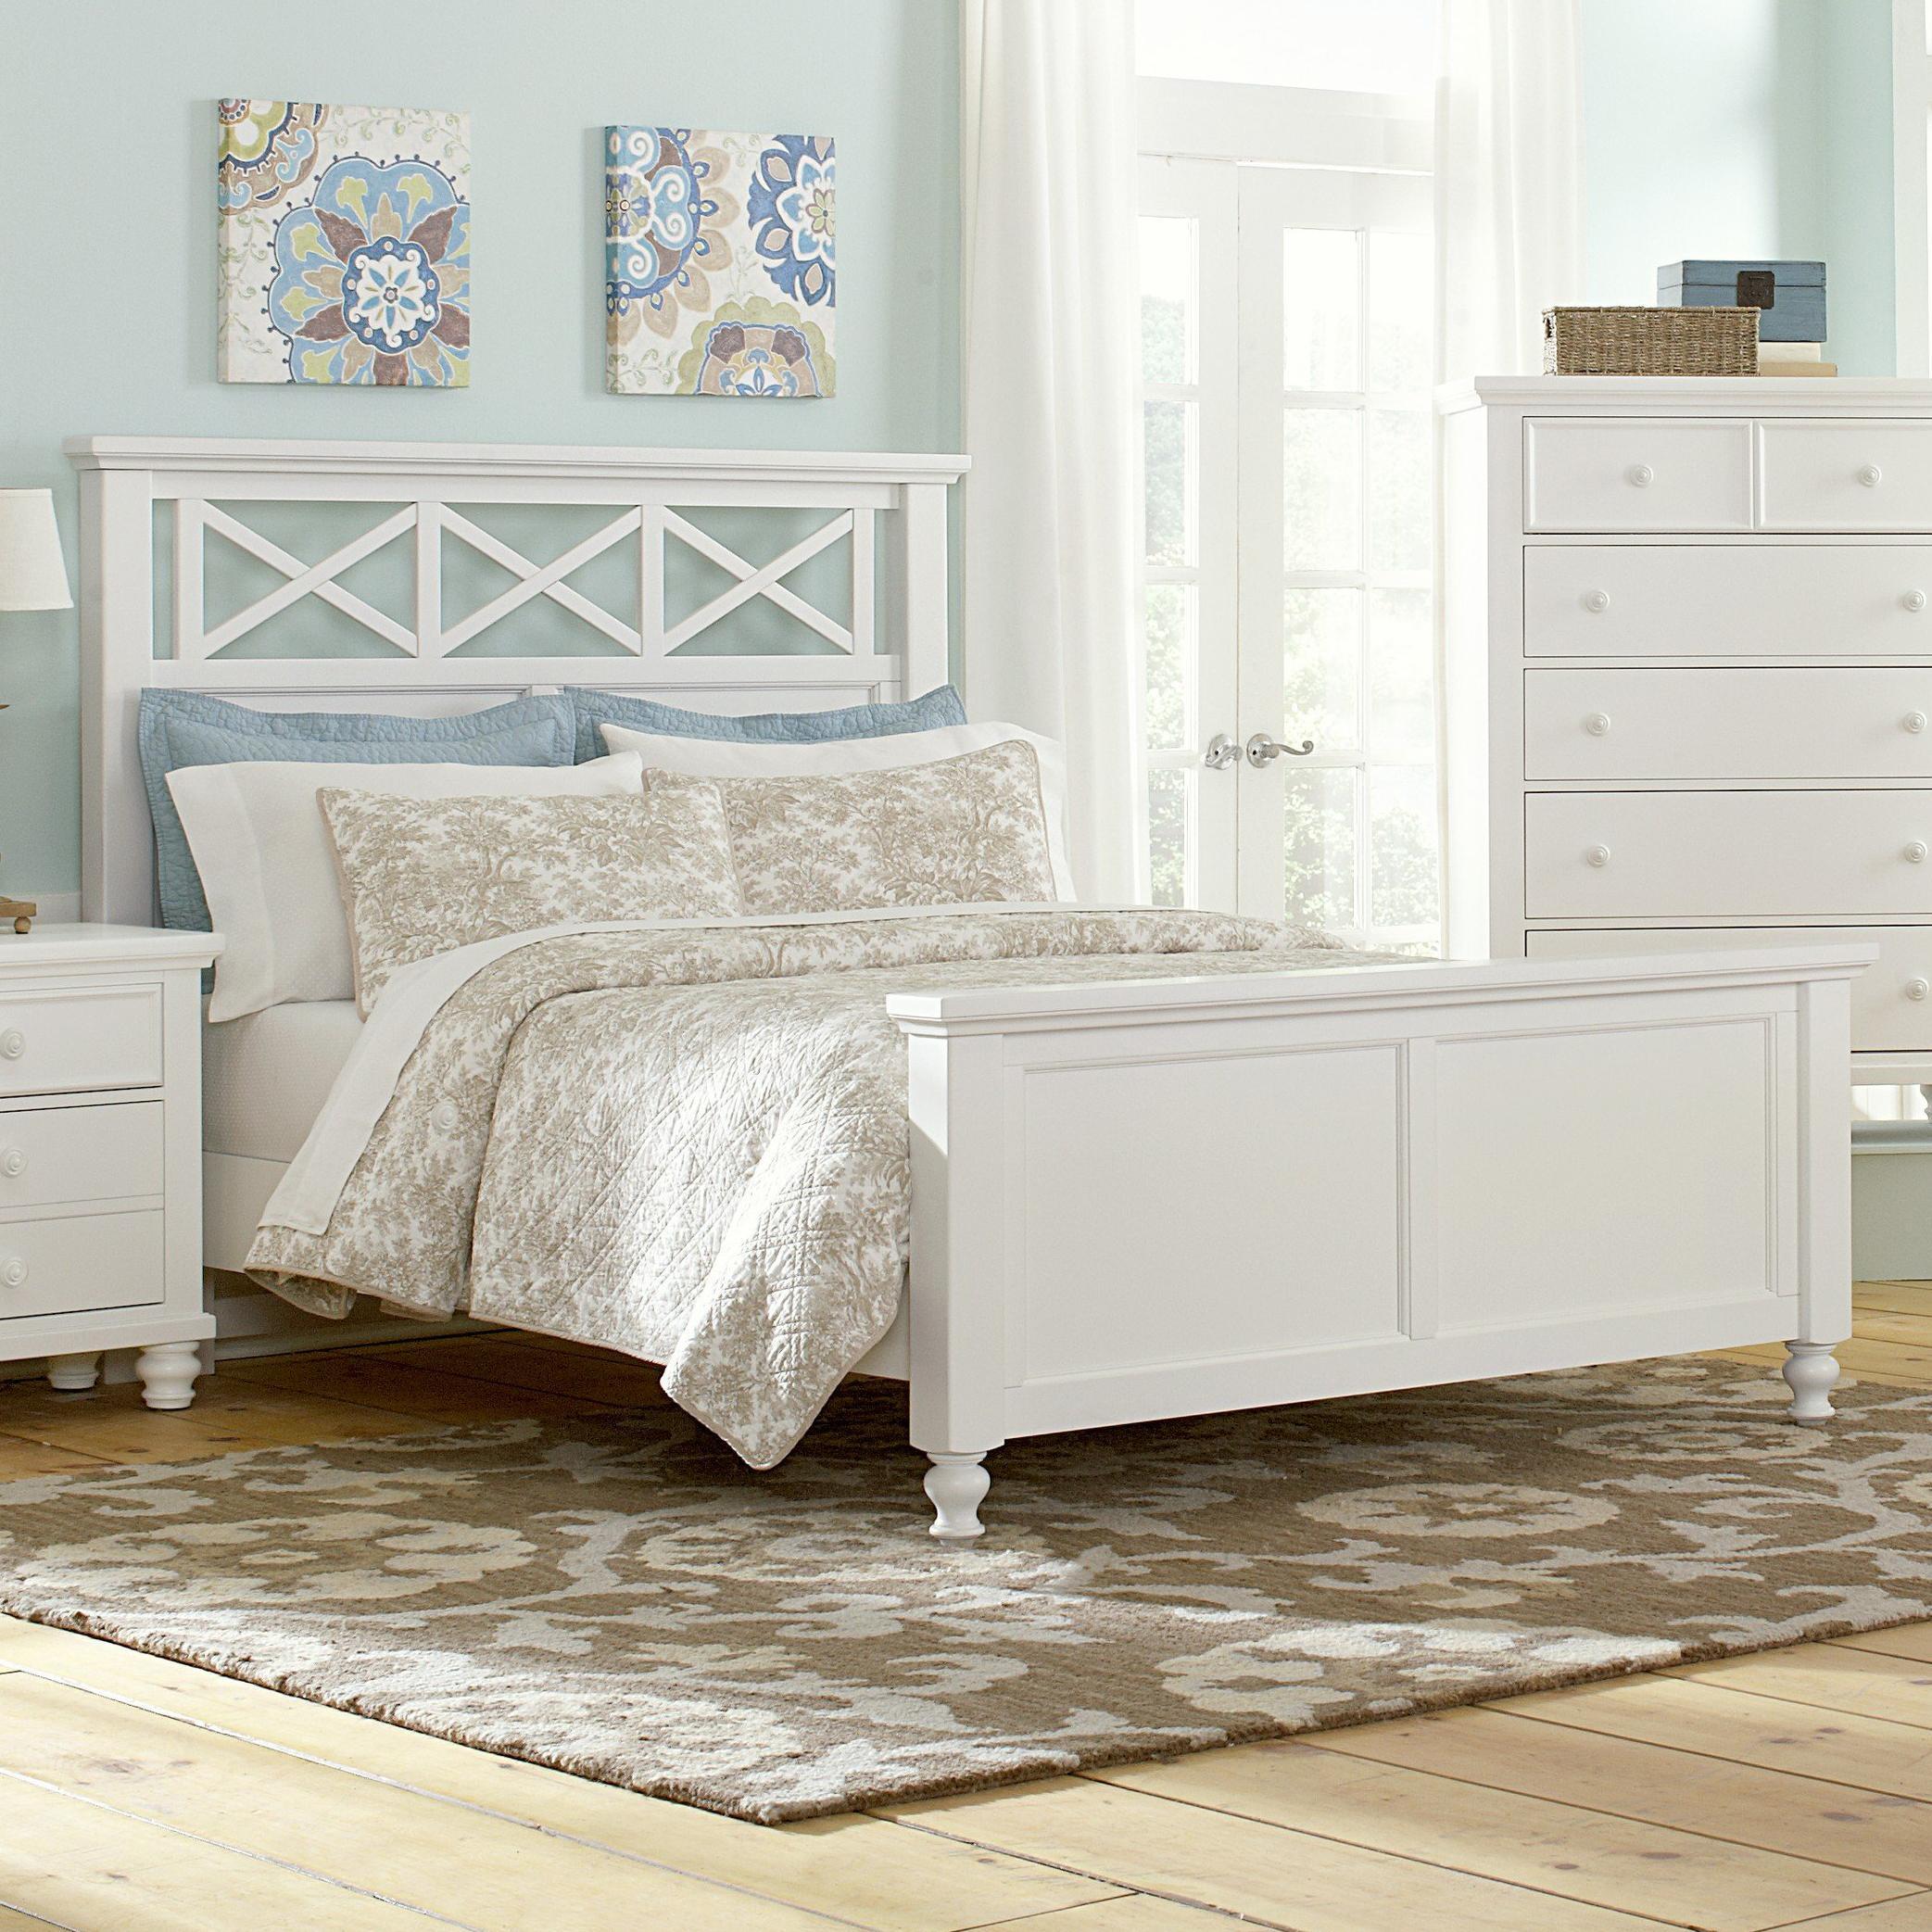 Vaughan Bassett Ellington Queen Garden Bed - Item Number: 624-558+855+922